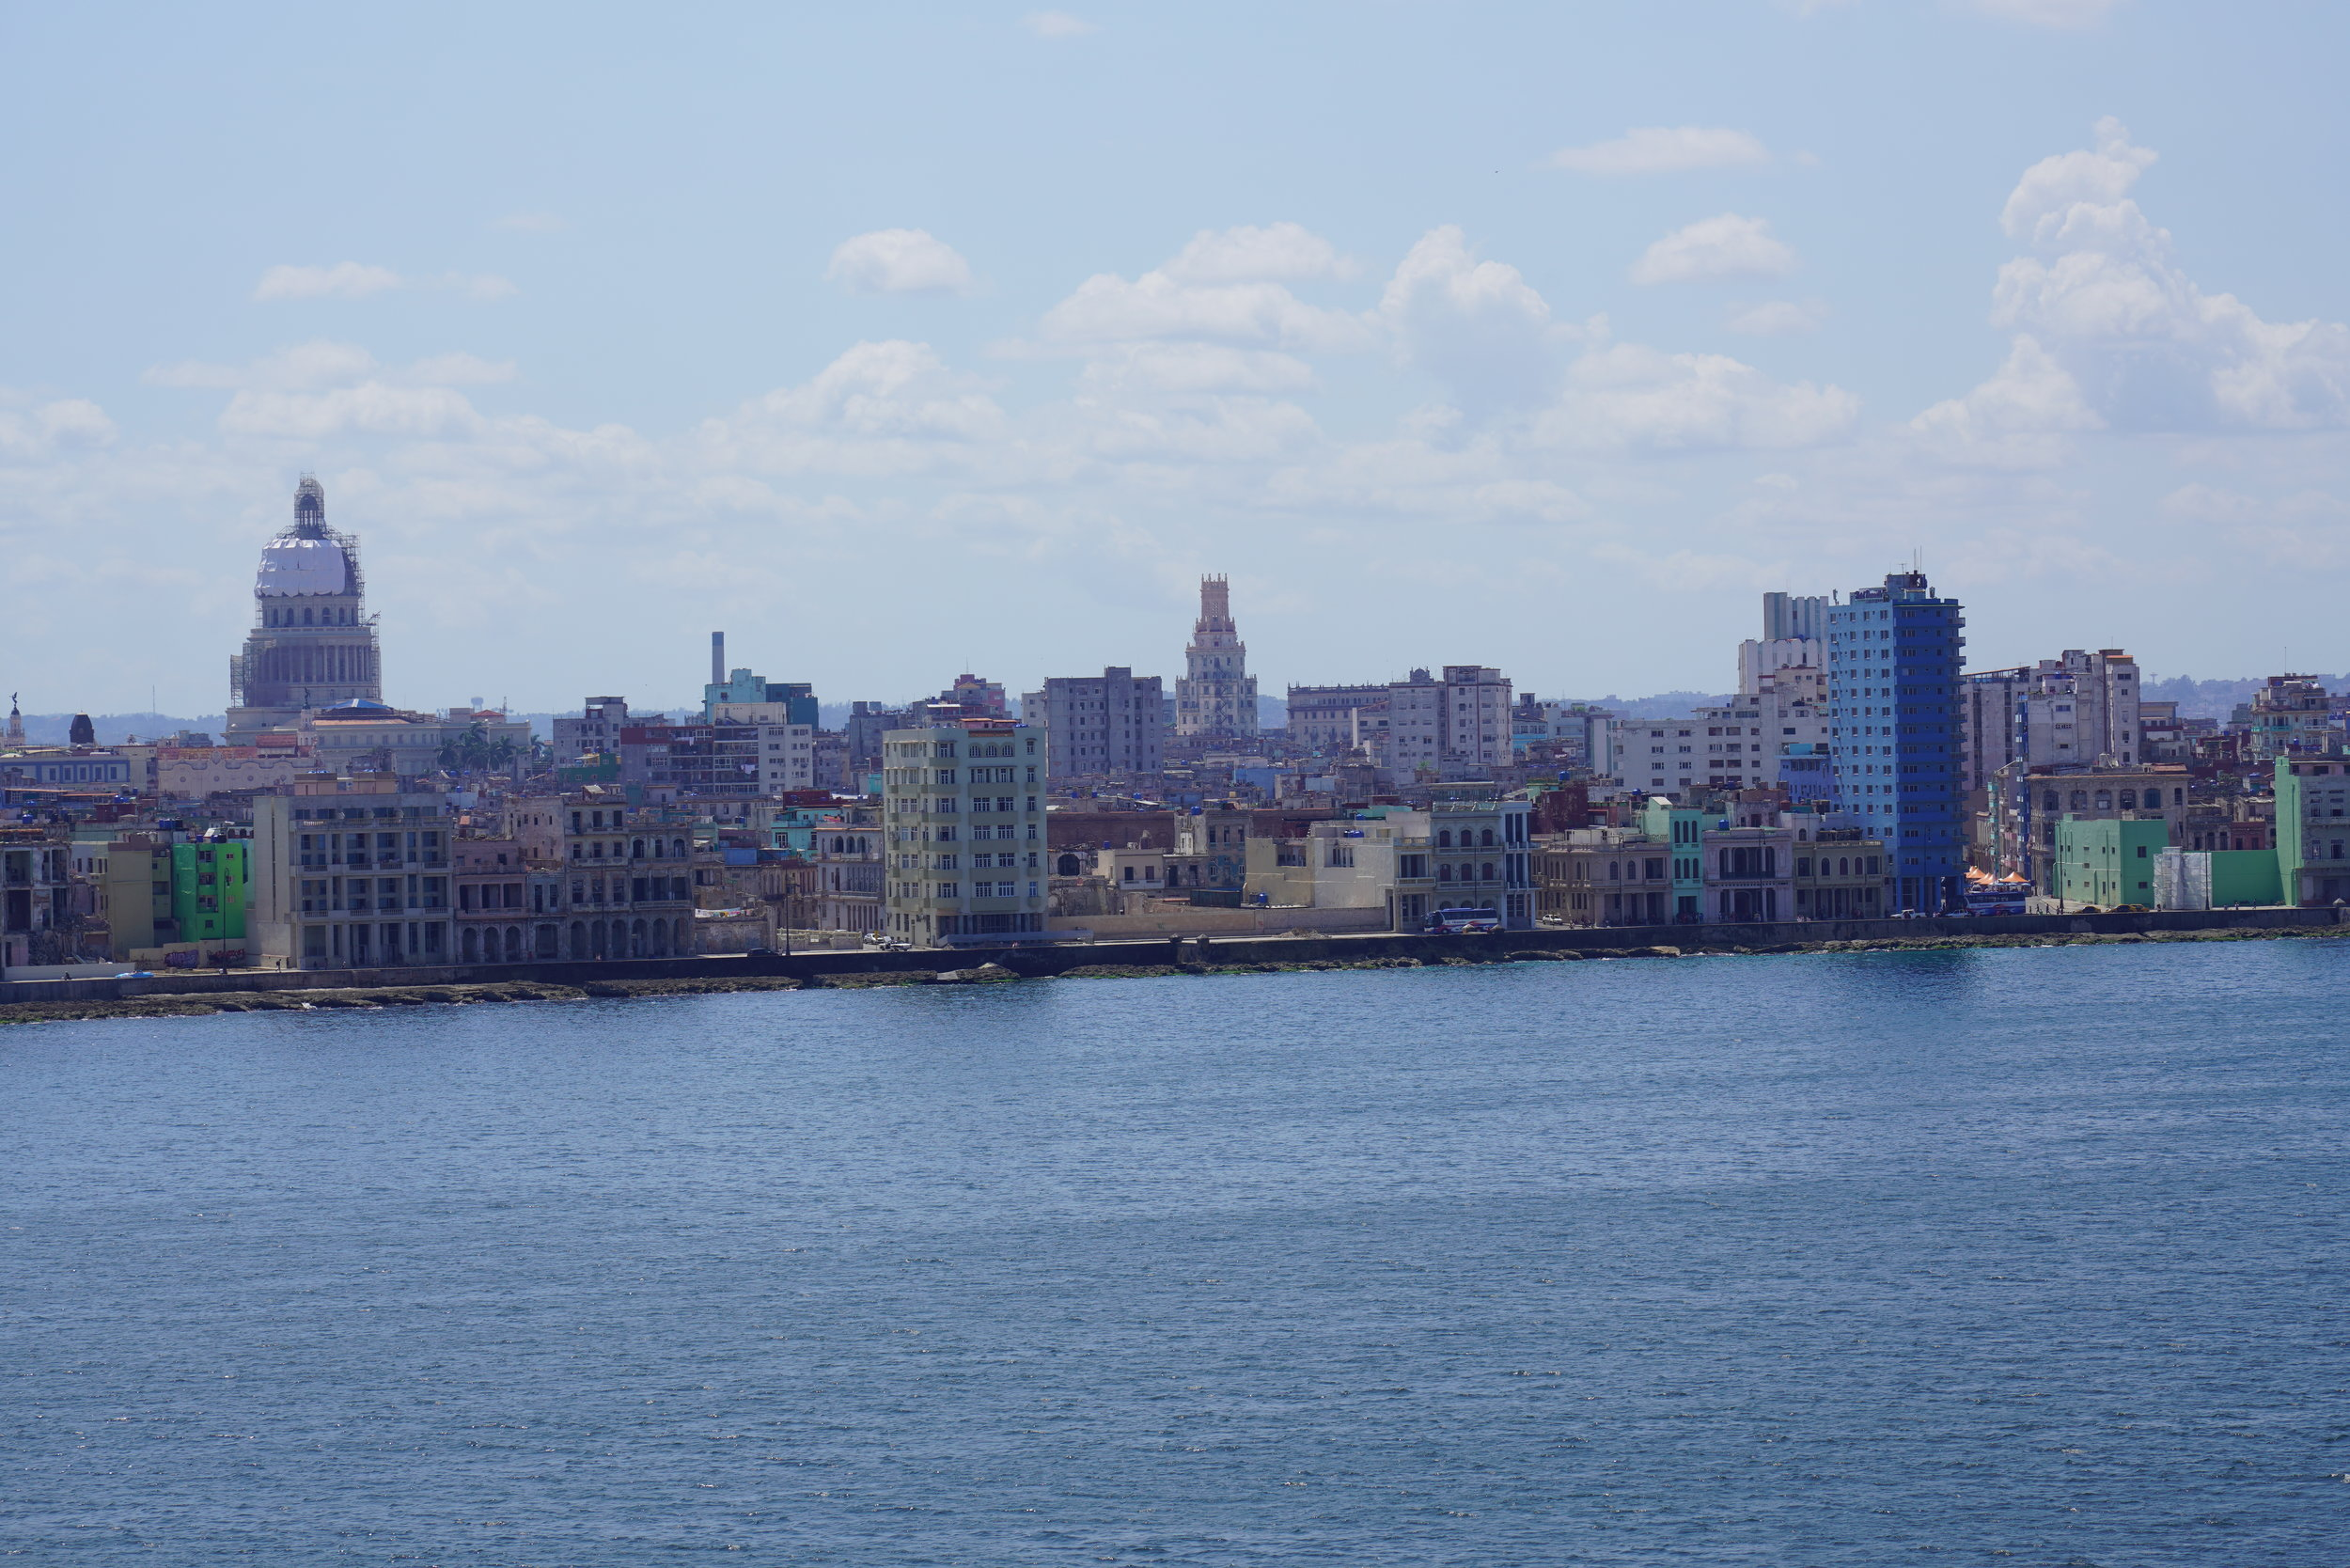 Chegada do cruzeiro MSC Armonia no porto de Havana, Cuba